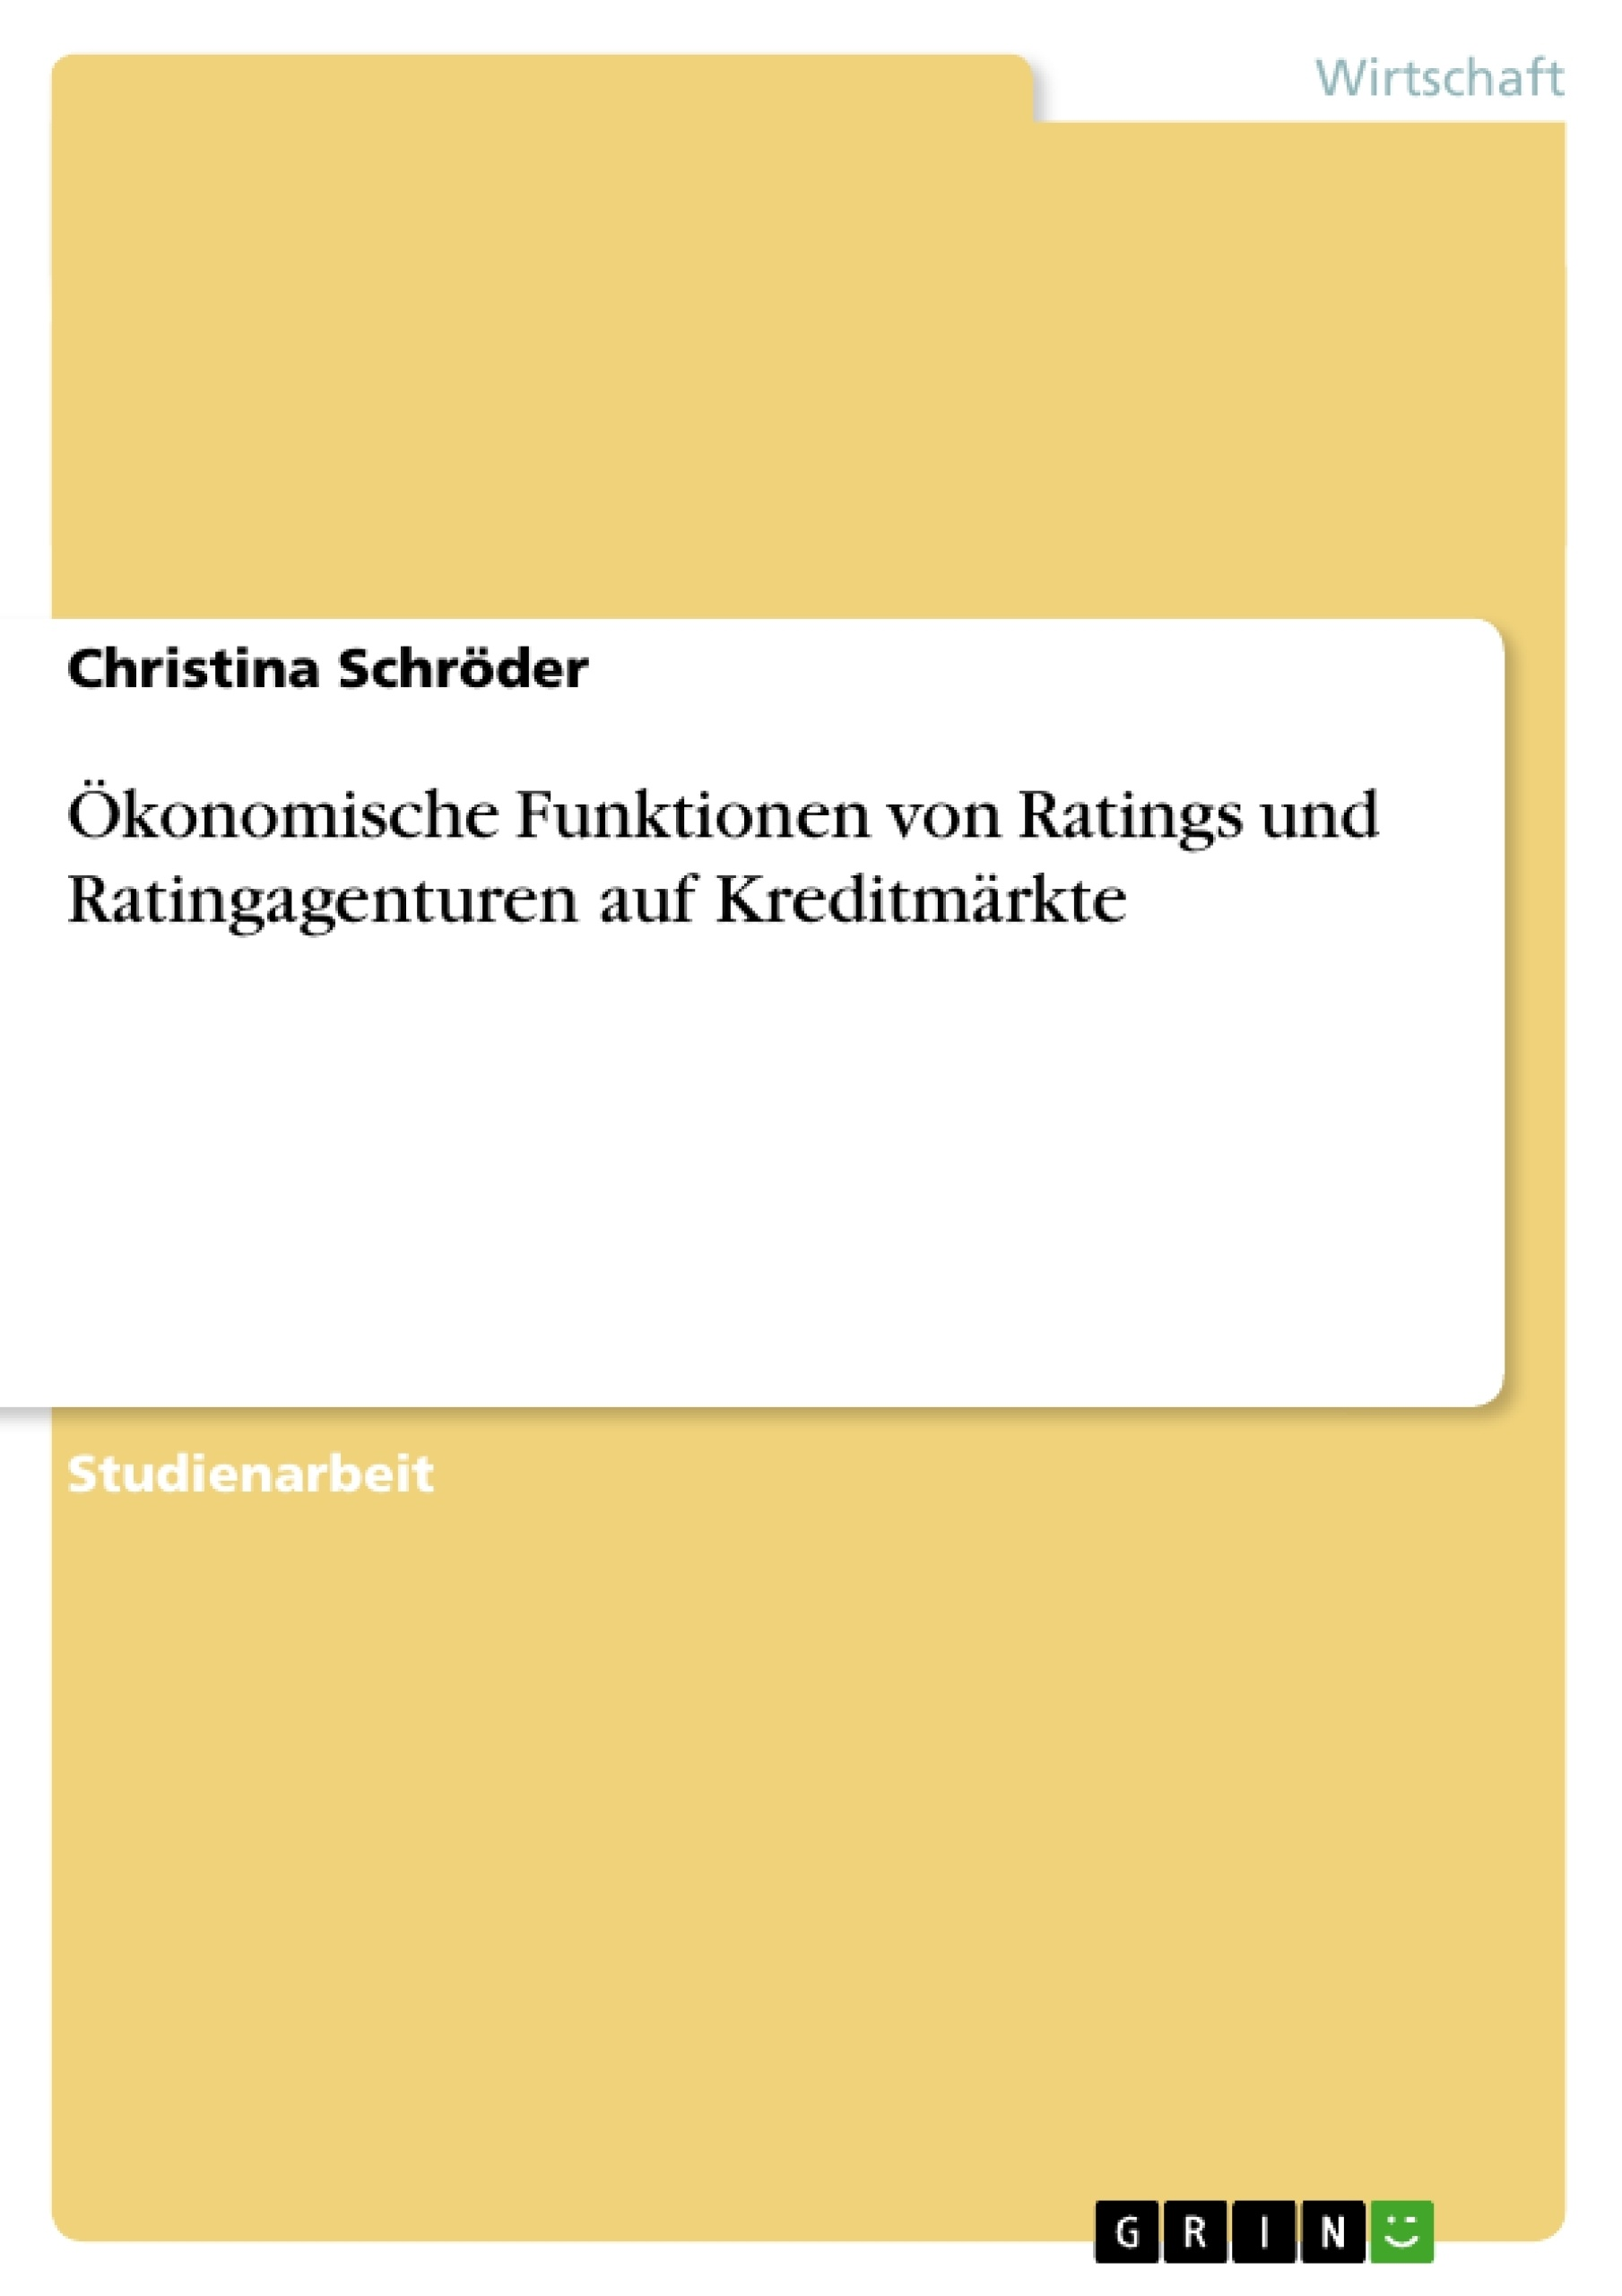 Titel: Ökonomische Funktionen von Ratings und Ratingagenturen auf Kreditmärkte